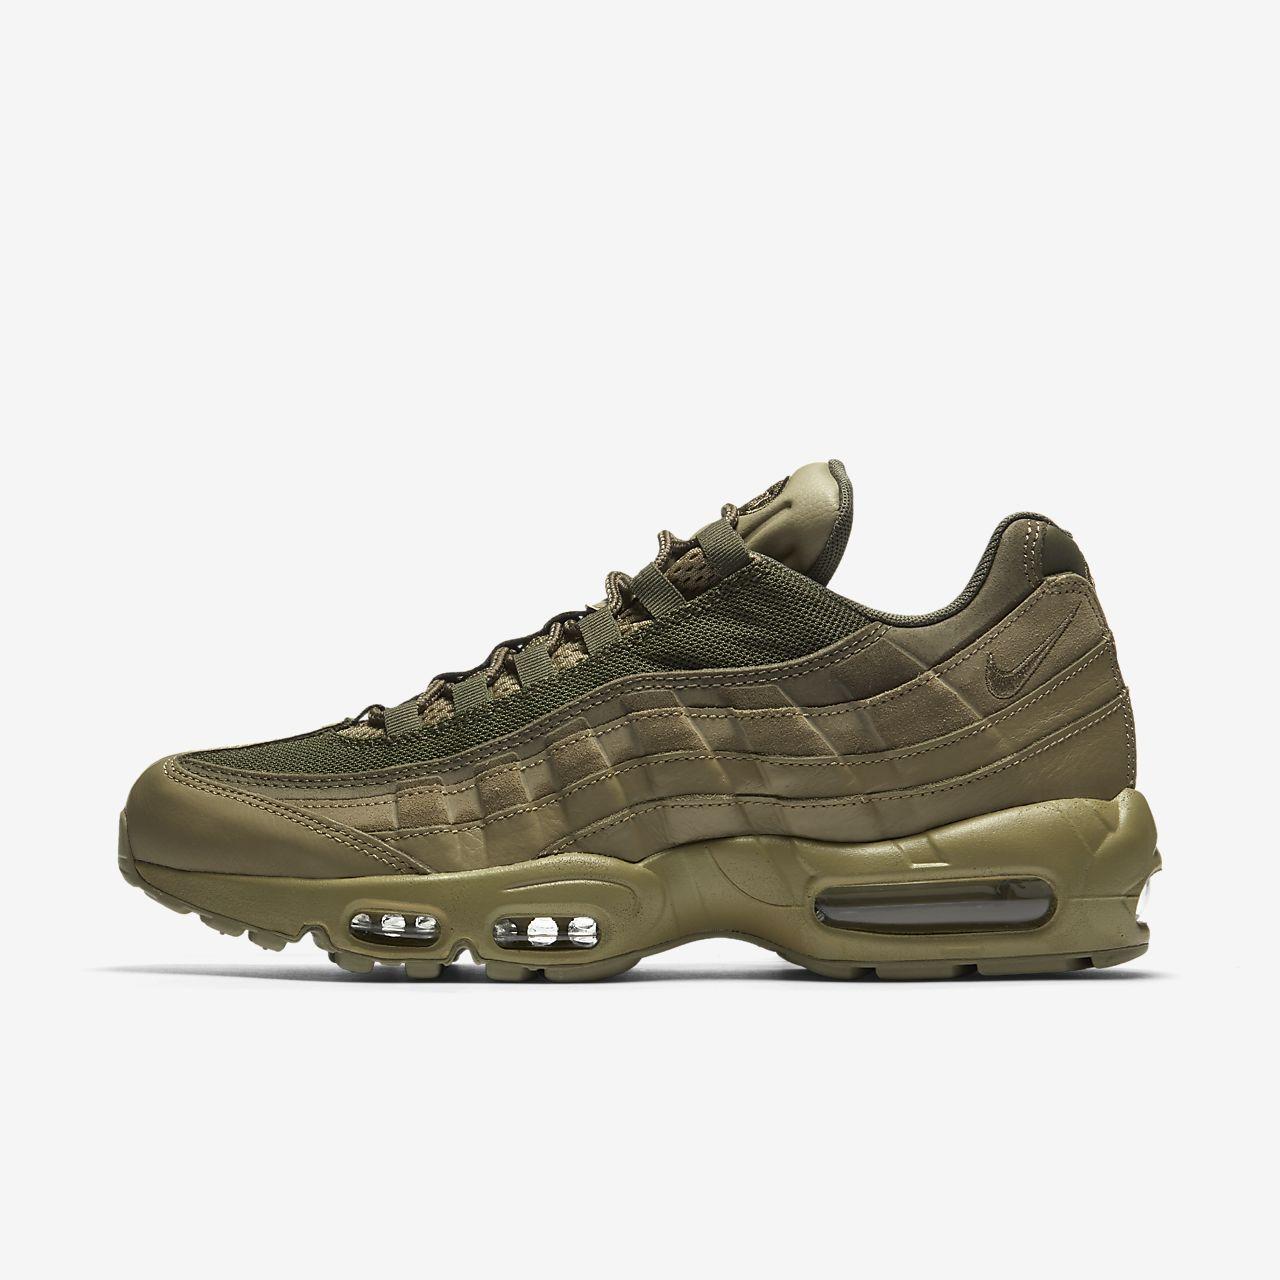 ... Nike Air Max 95 Premium Men's Shoe